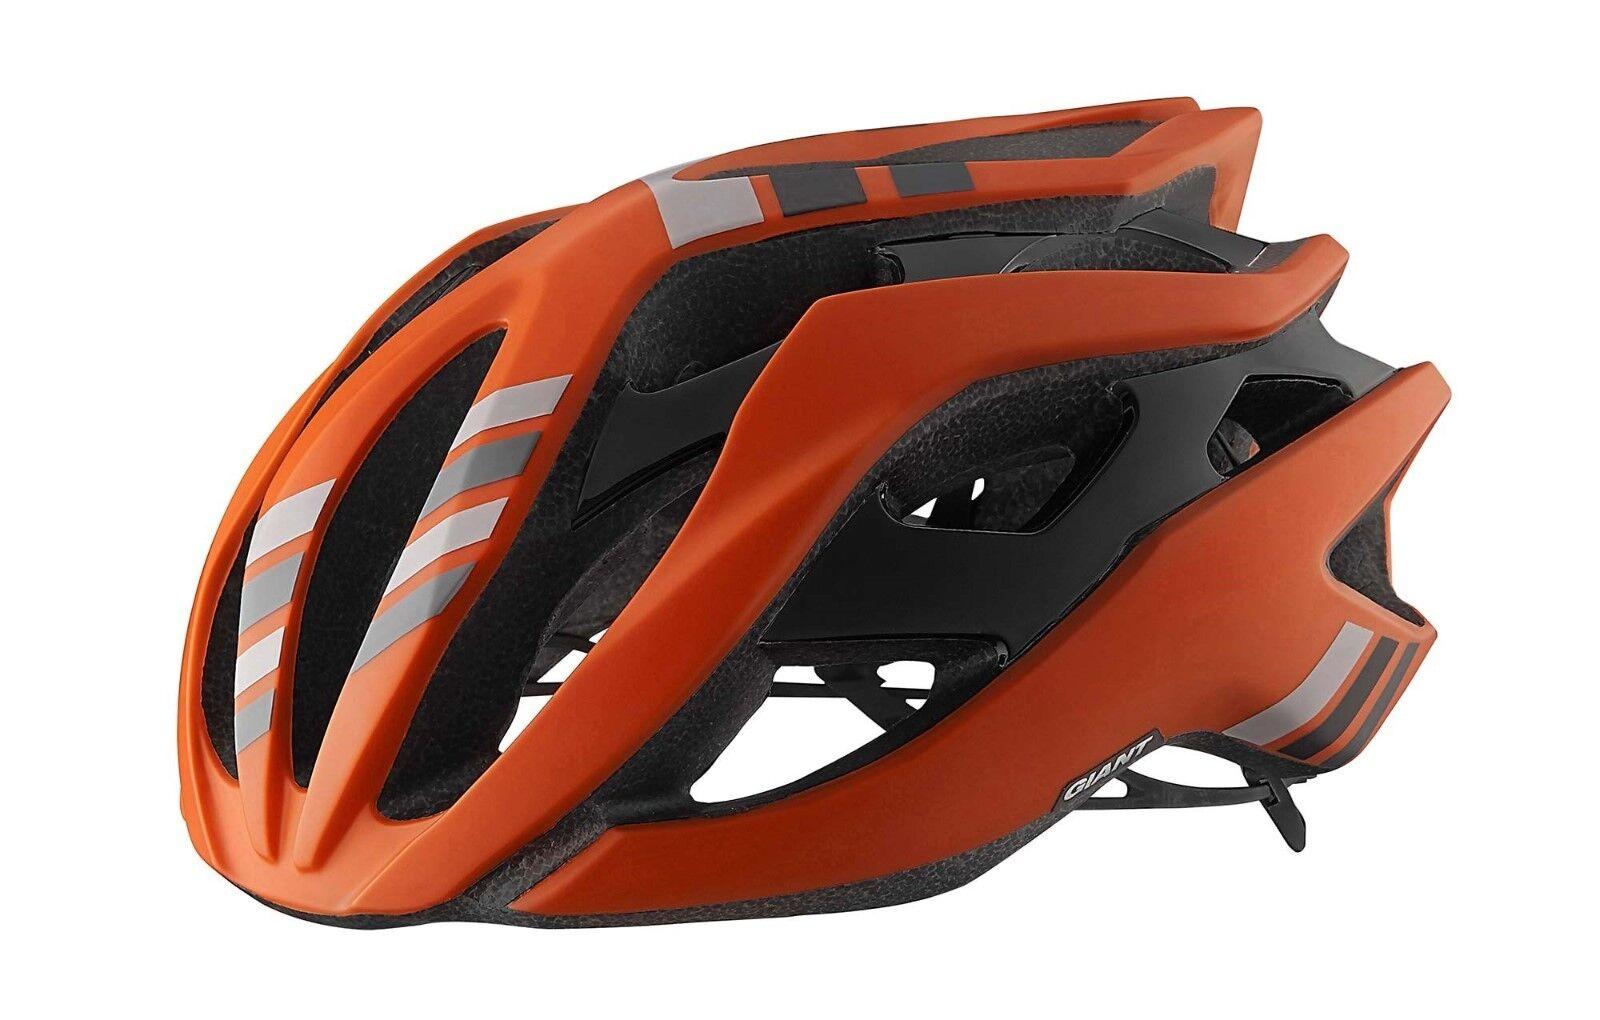 Casco da bici GIANT REV orange arancione arancio helmet bike road corsa strada